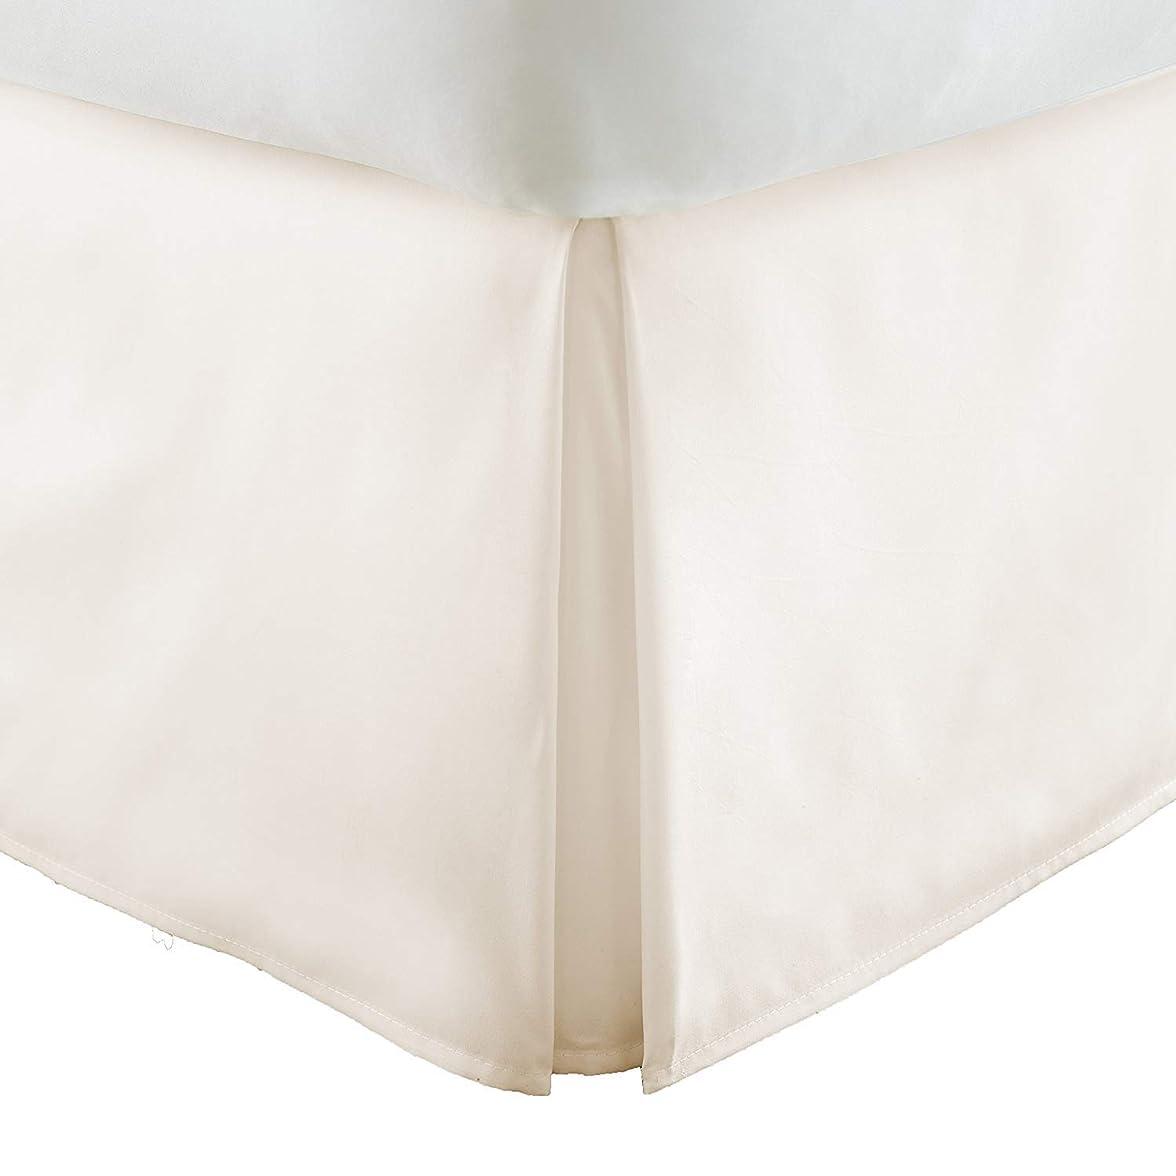 ディレイセラー悲観的クイーンベッドスカート 18インチドロップスプリットコーナー 100%エジプト綿 ラグジュアリー- 600スレッドカウント テーラード1 ピース ベッドスカート クイーン 60 x 80 サイズ アイボリー 18 インチドロップ/フォール、簡単に洗えます しわ&色あせ防止